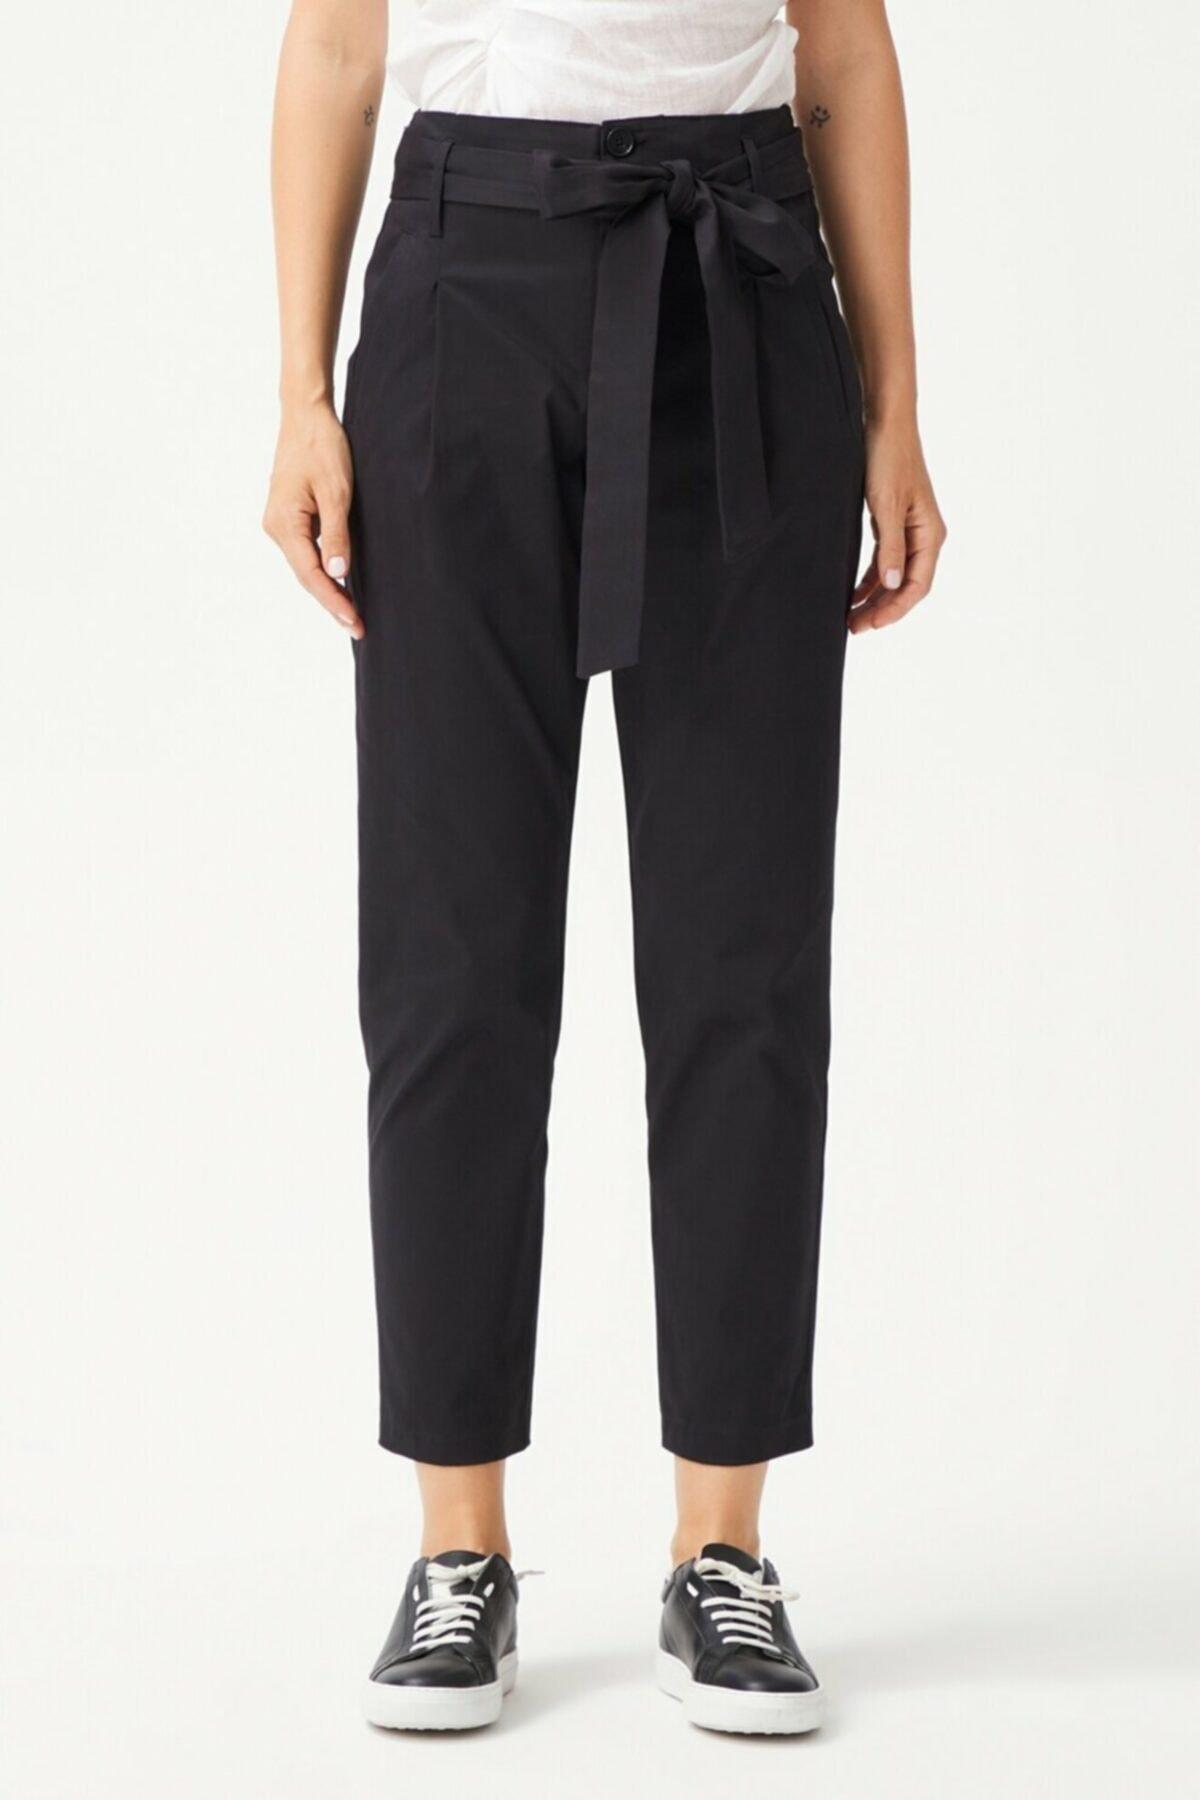 adL Kadın Siyah Düğmeli Pantolon 2